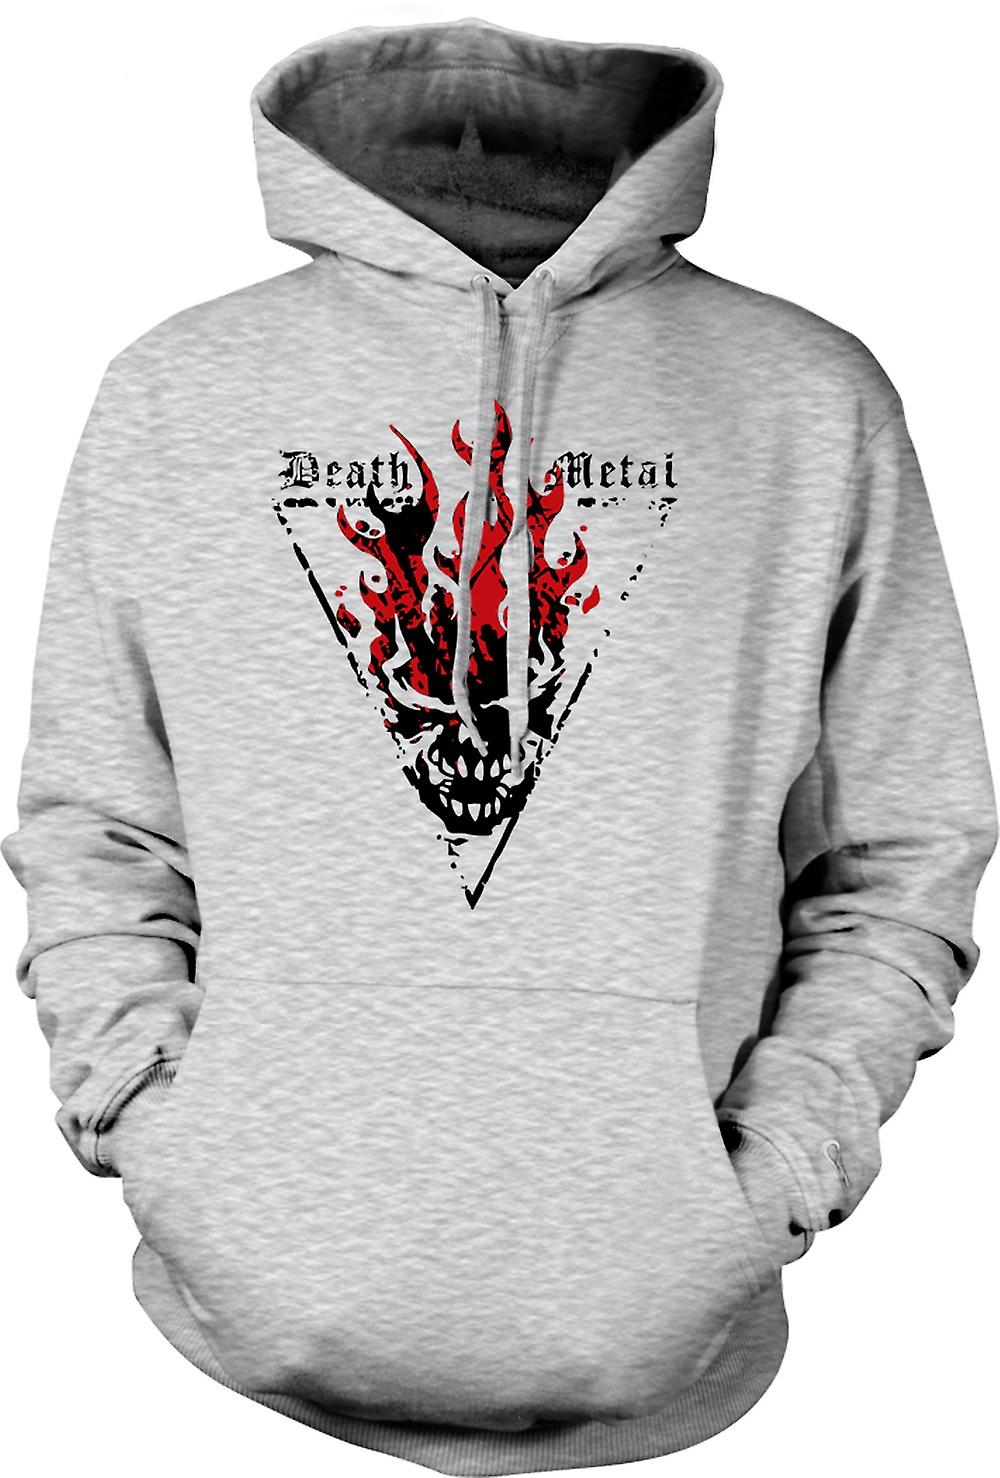 Mens hettegenser - Death Metal - Thrash djevelen gotisk